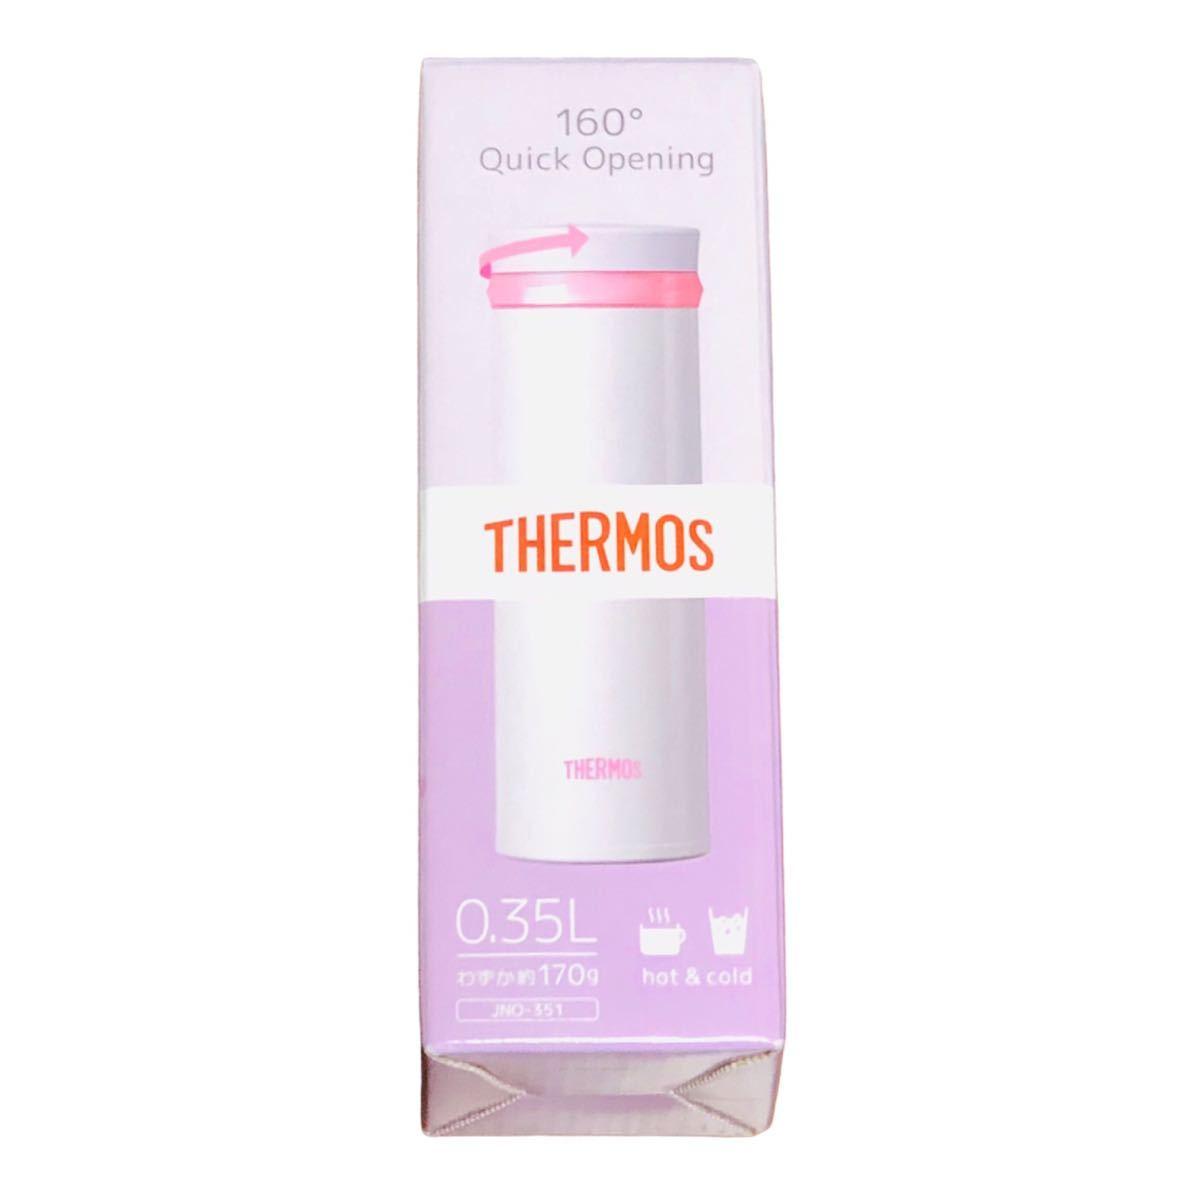 【新品】サーモス 真空断熱ケータイマグ 水筒 保温保冷ボトル 魔法ビン 軽量 THERMOS ステンレス製